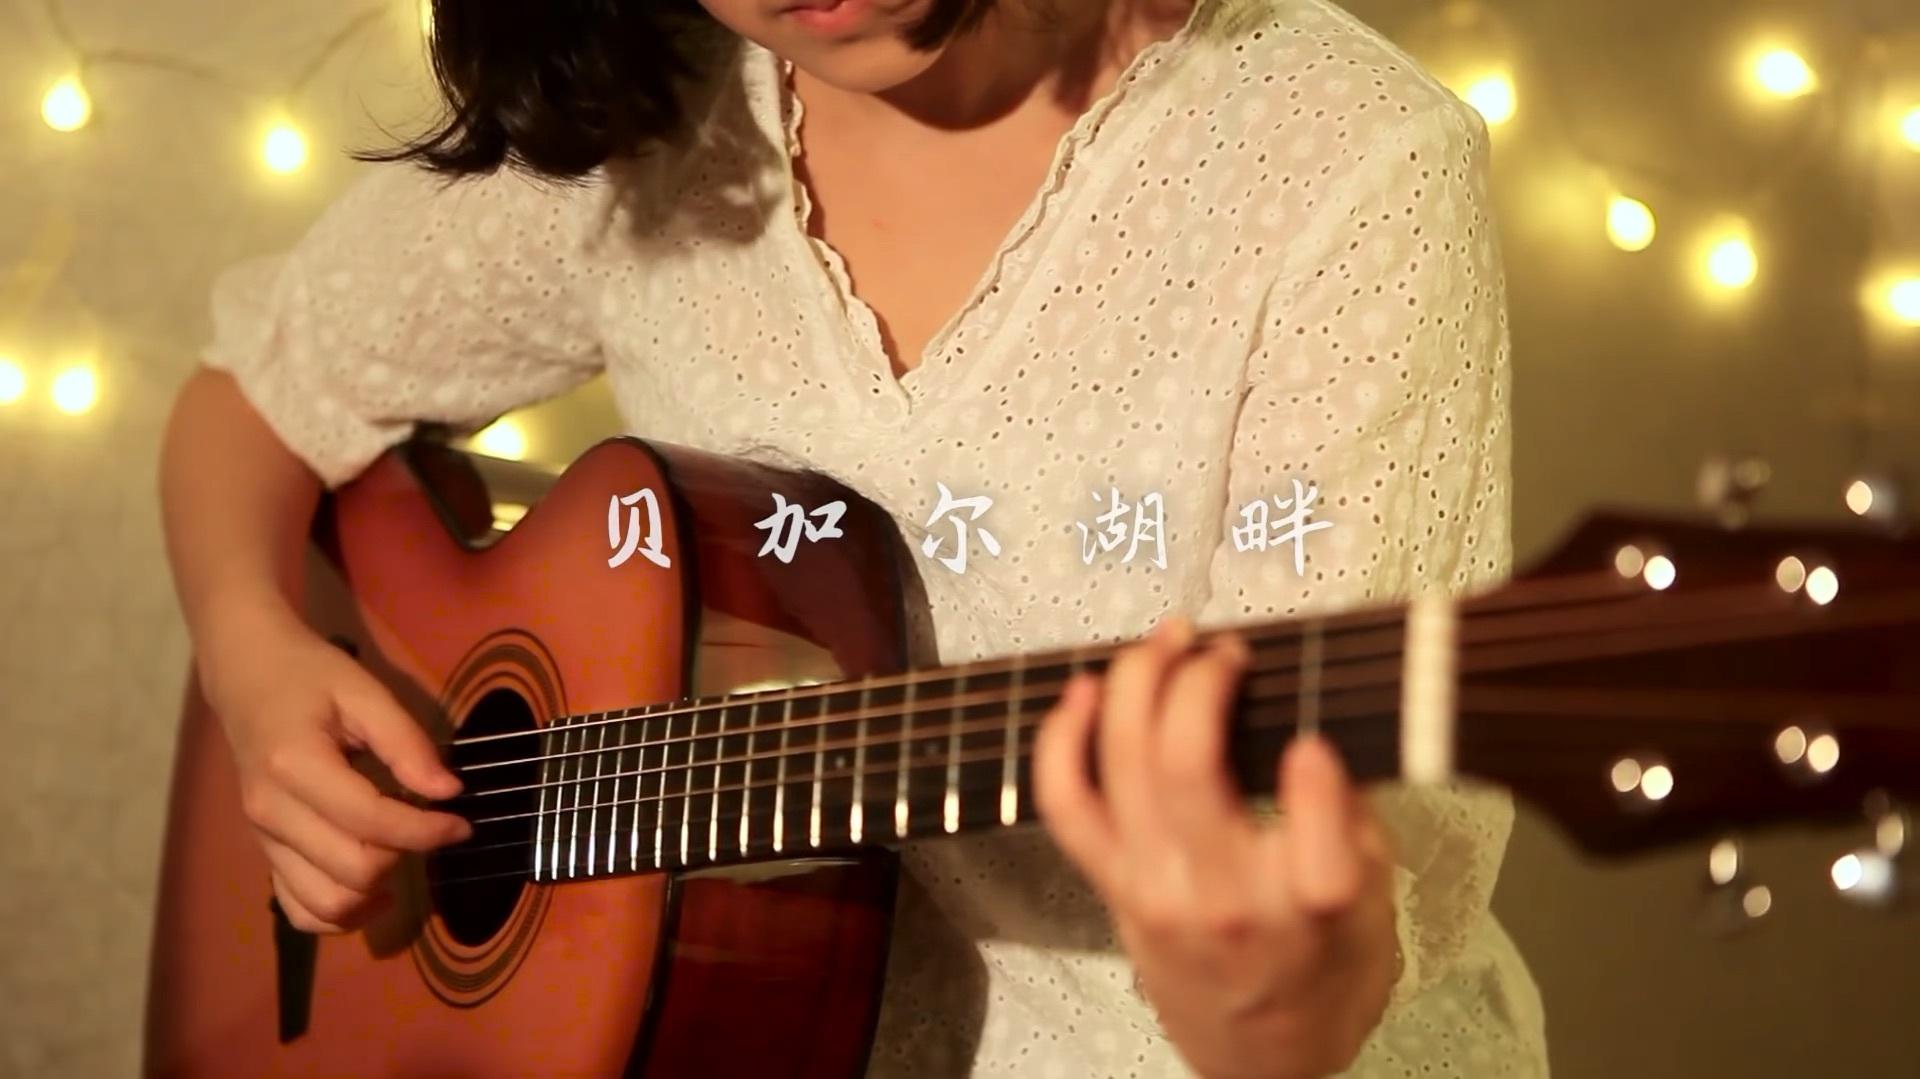 《贝加尔湖畔》- 李健 - 南音Nancy教学版